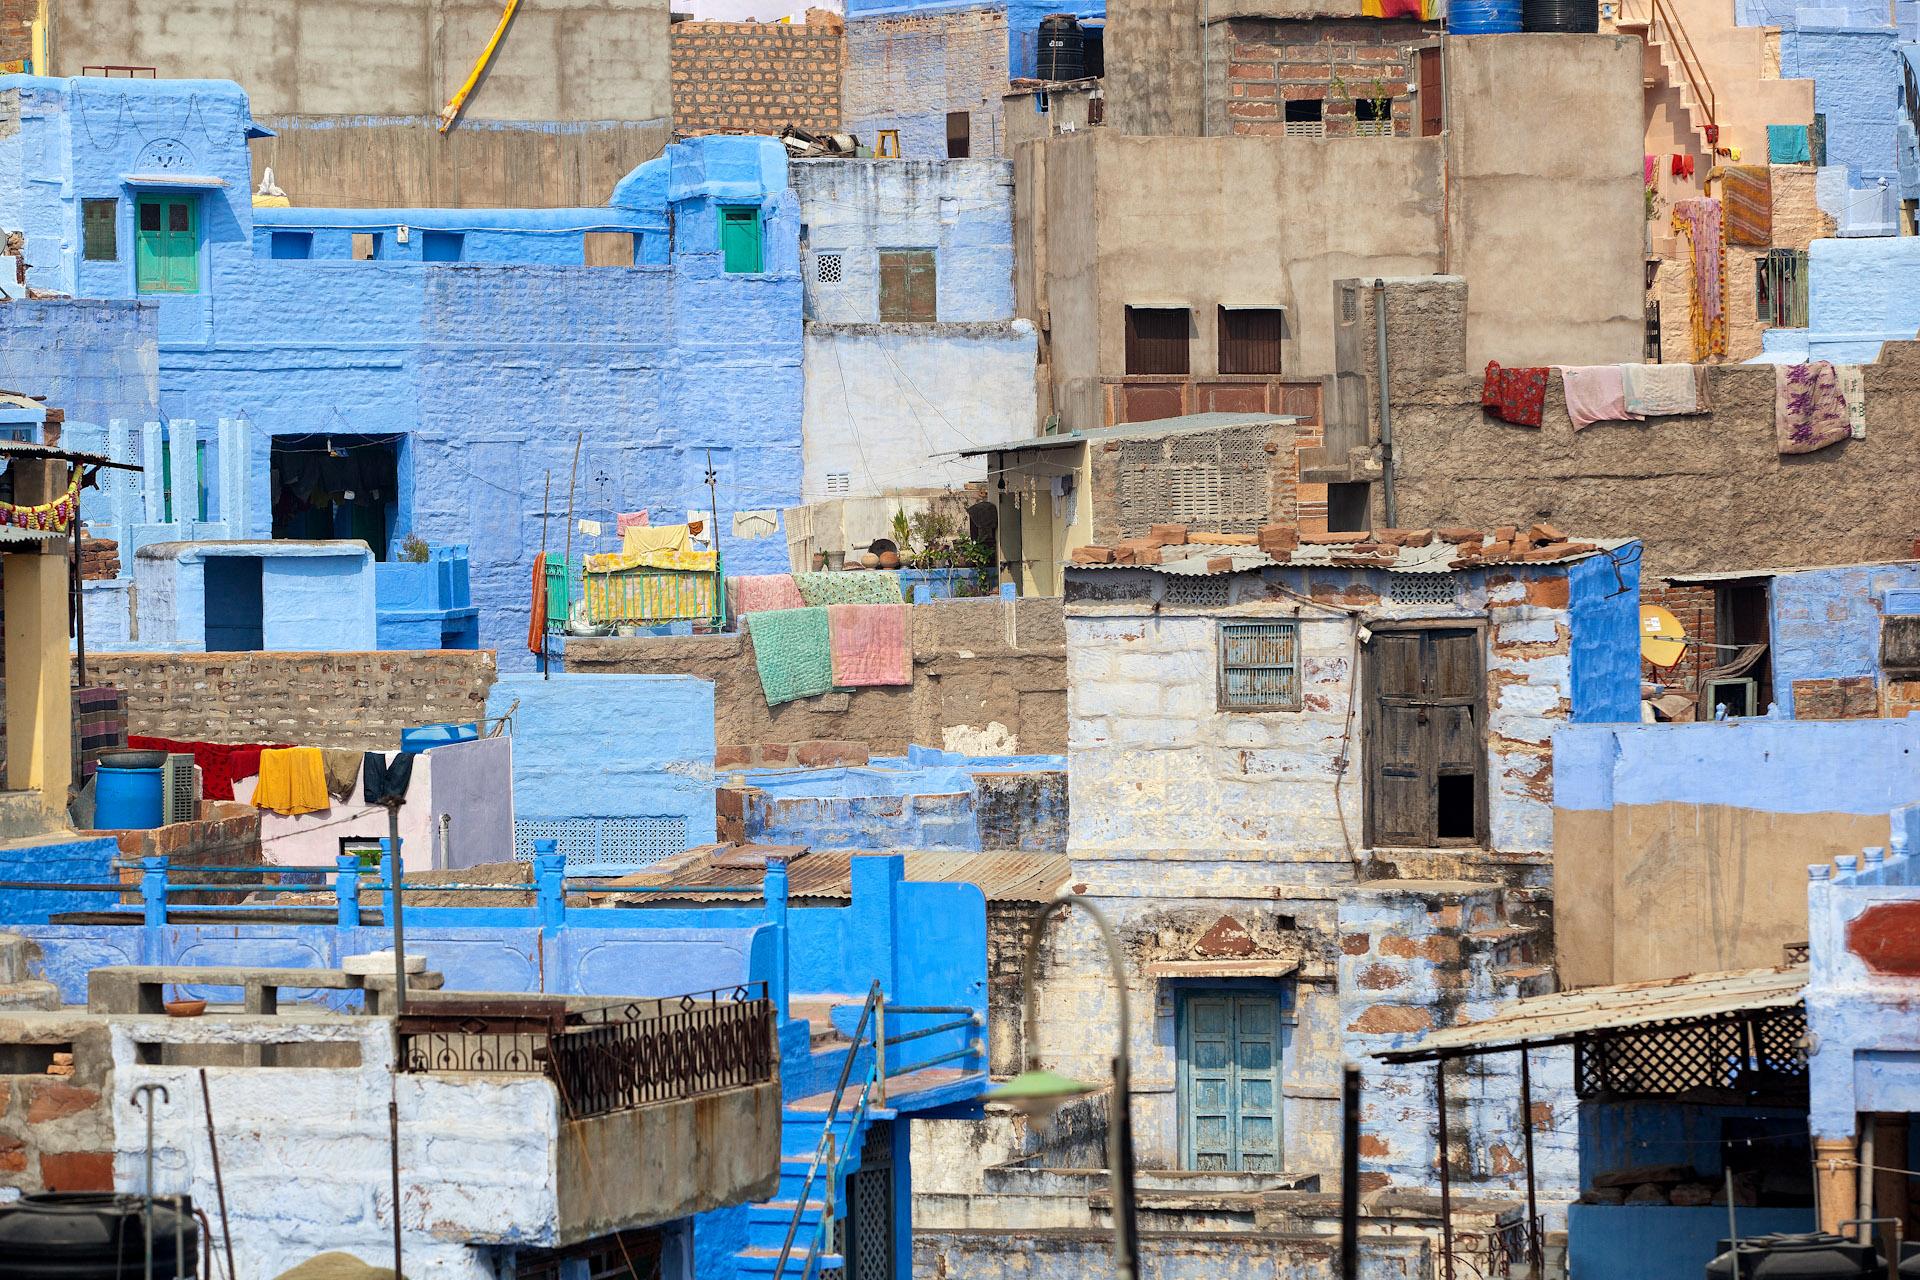 India-Travel-Rajasthan-Jodhpur-Blue-City_1.JPG